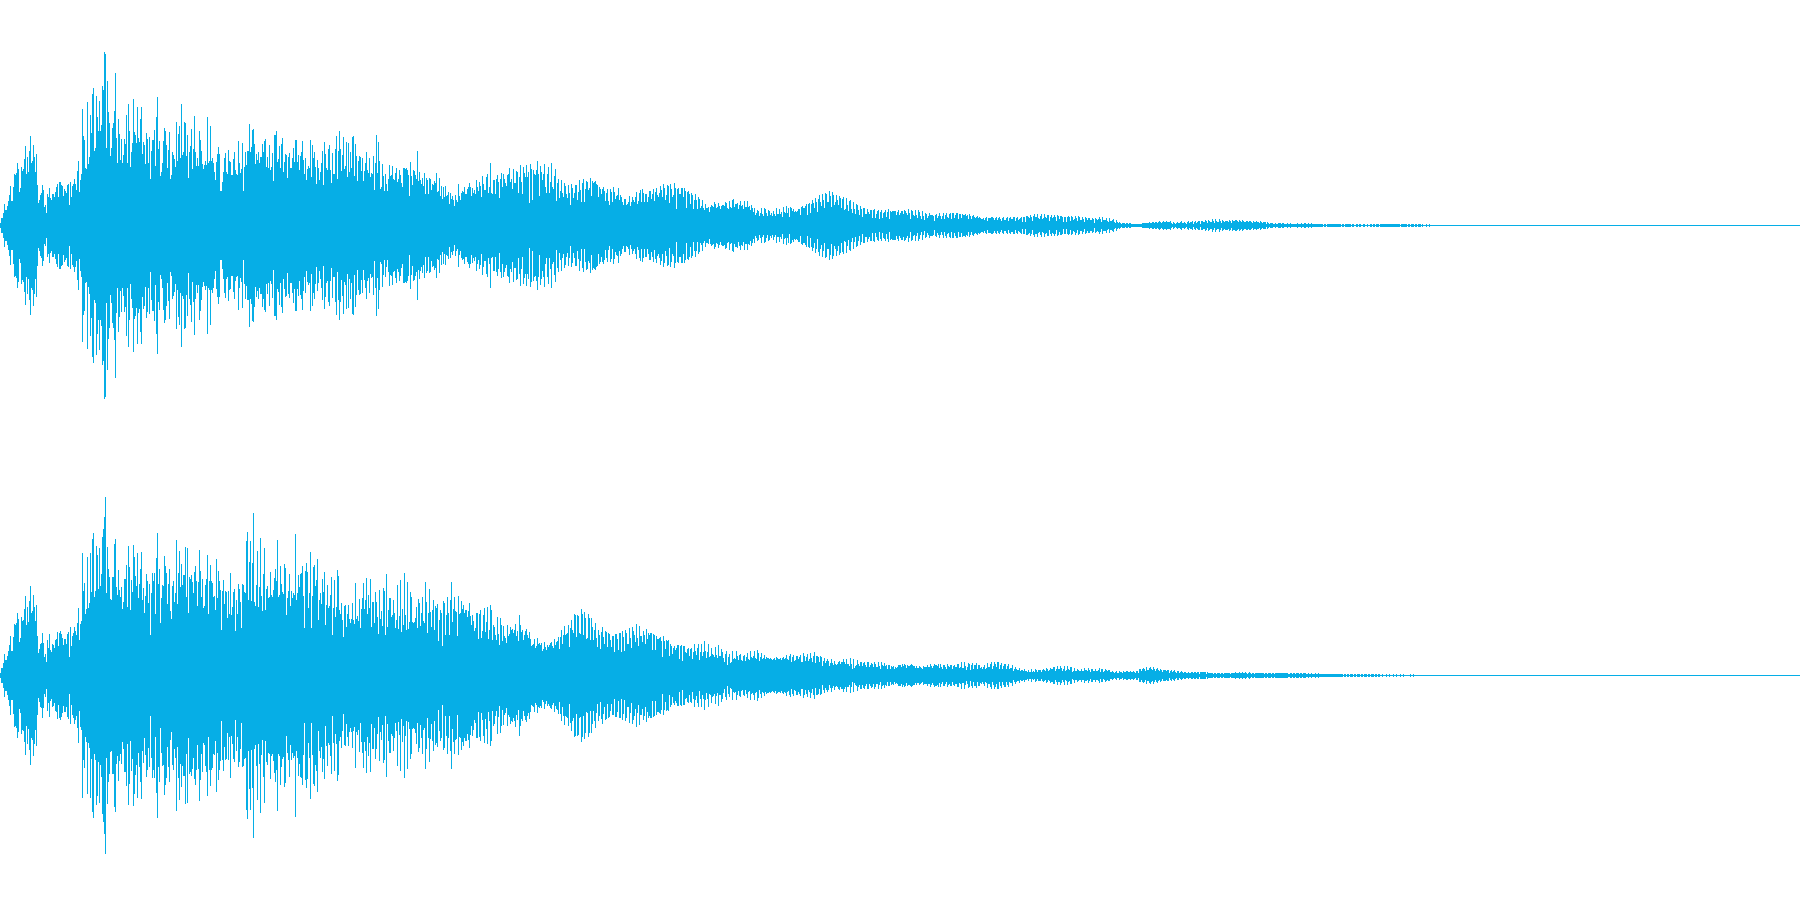 回復魔法/癒し/キラキラ/ヒーリングの再生済みの波形